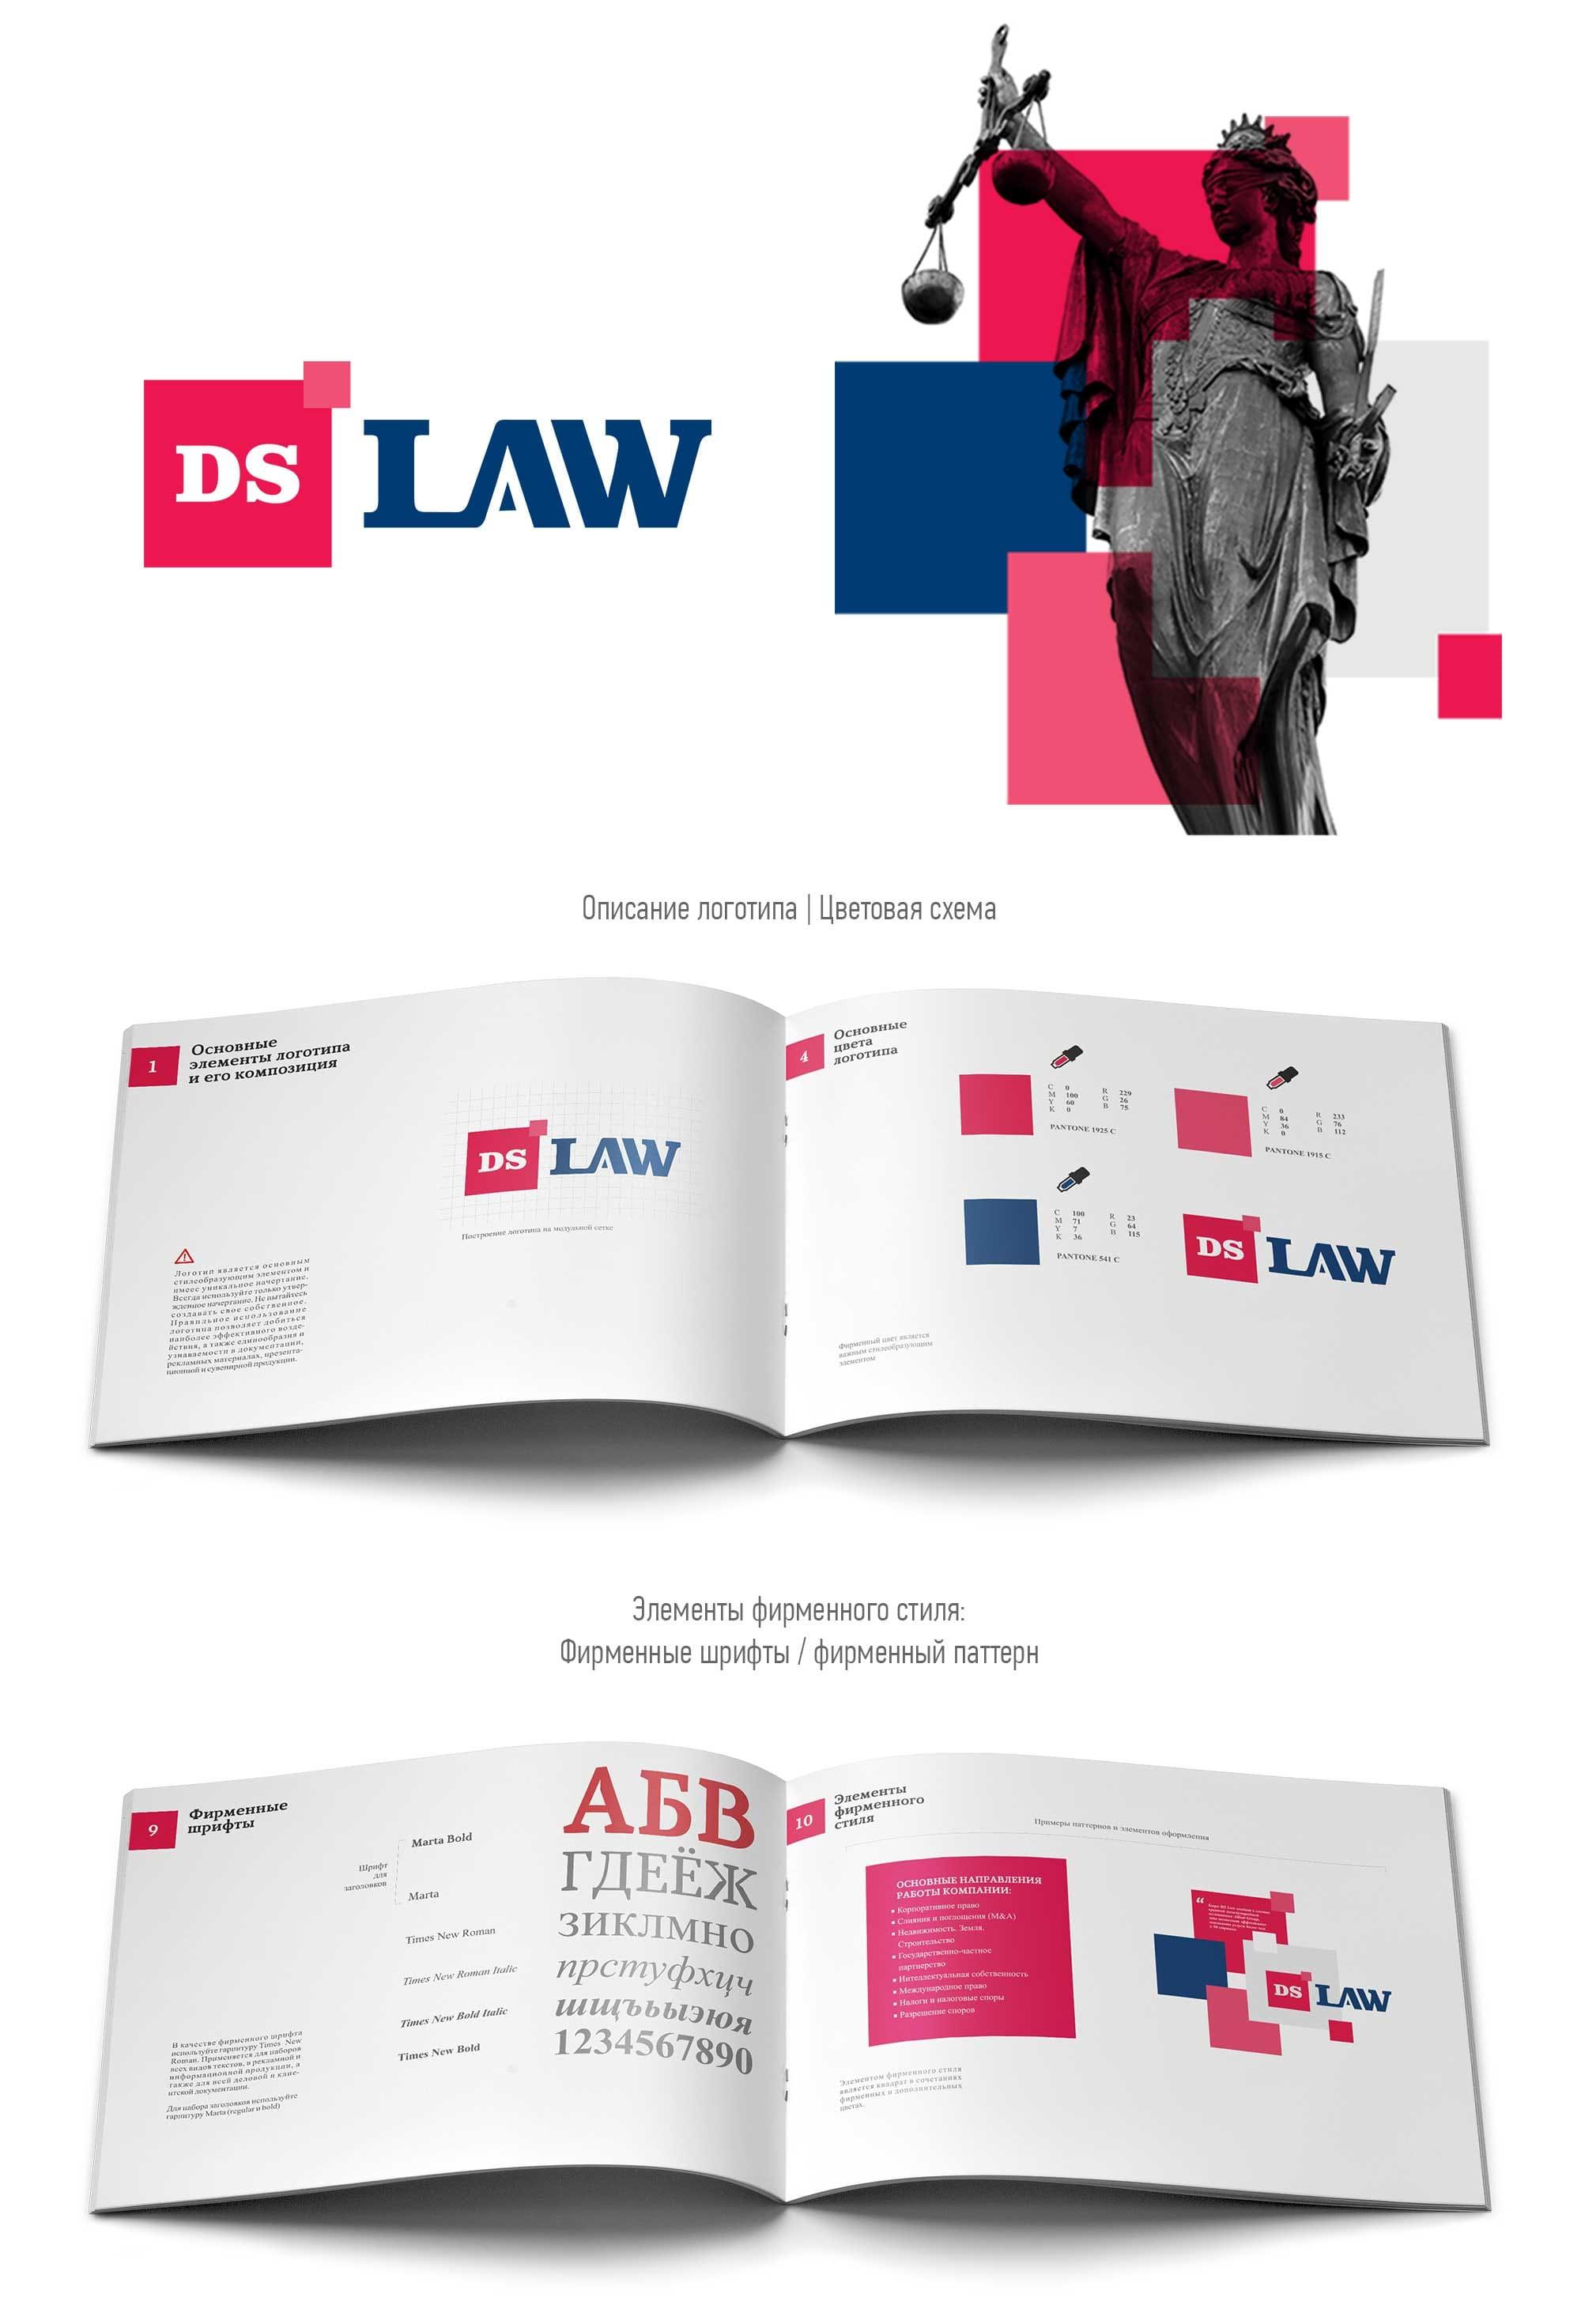 Ребрендинг логотипа для юридической компании - фрагмент гайдлайна